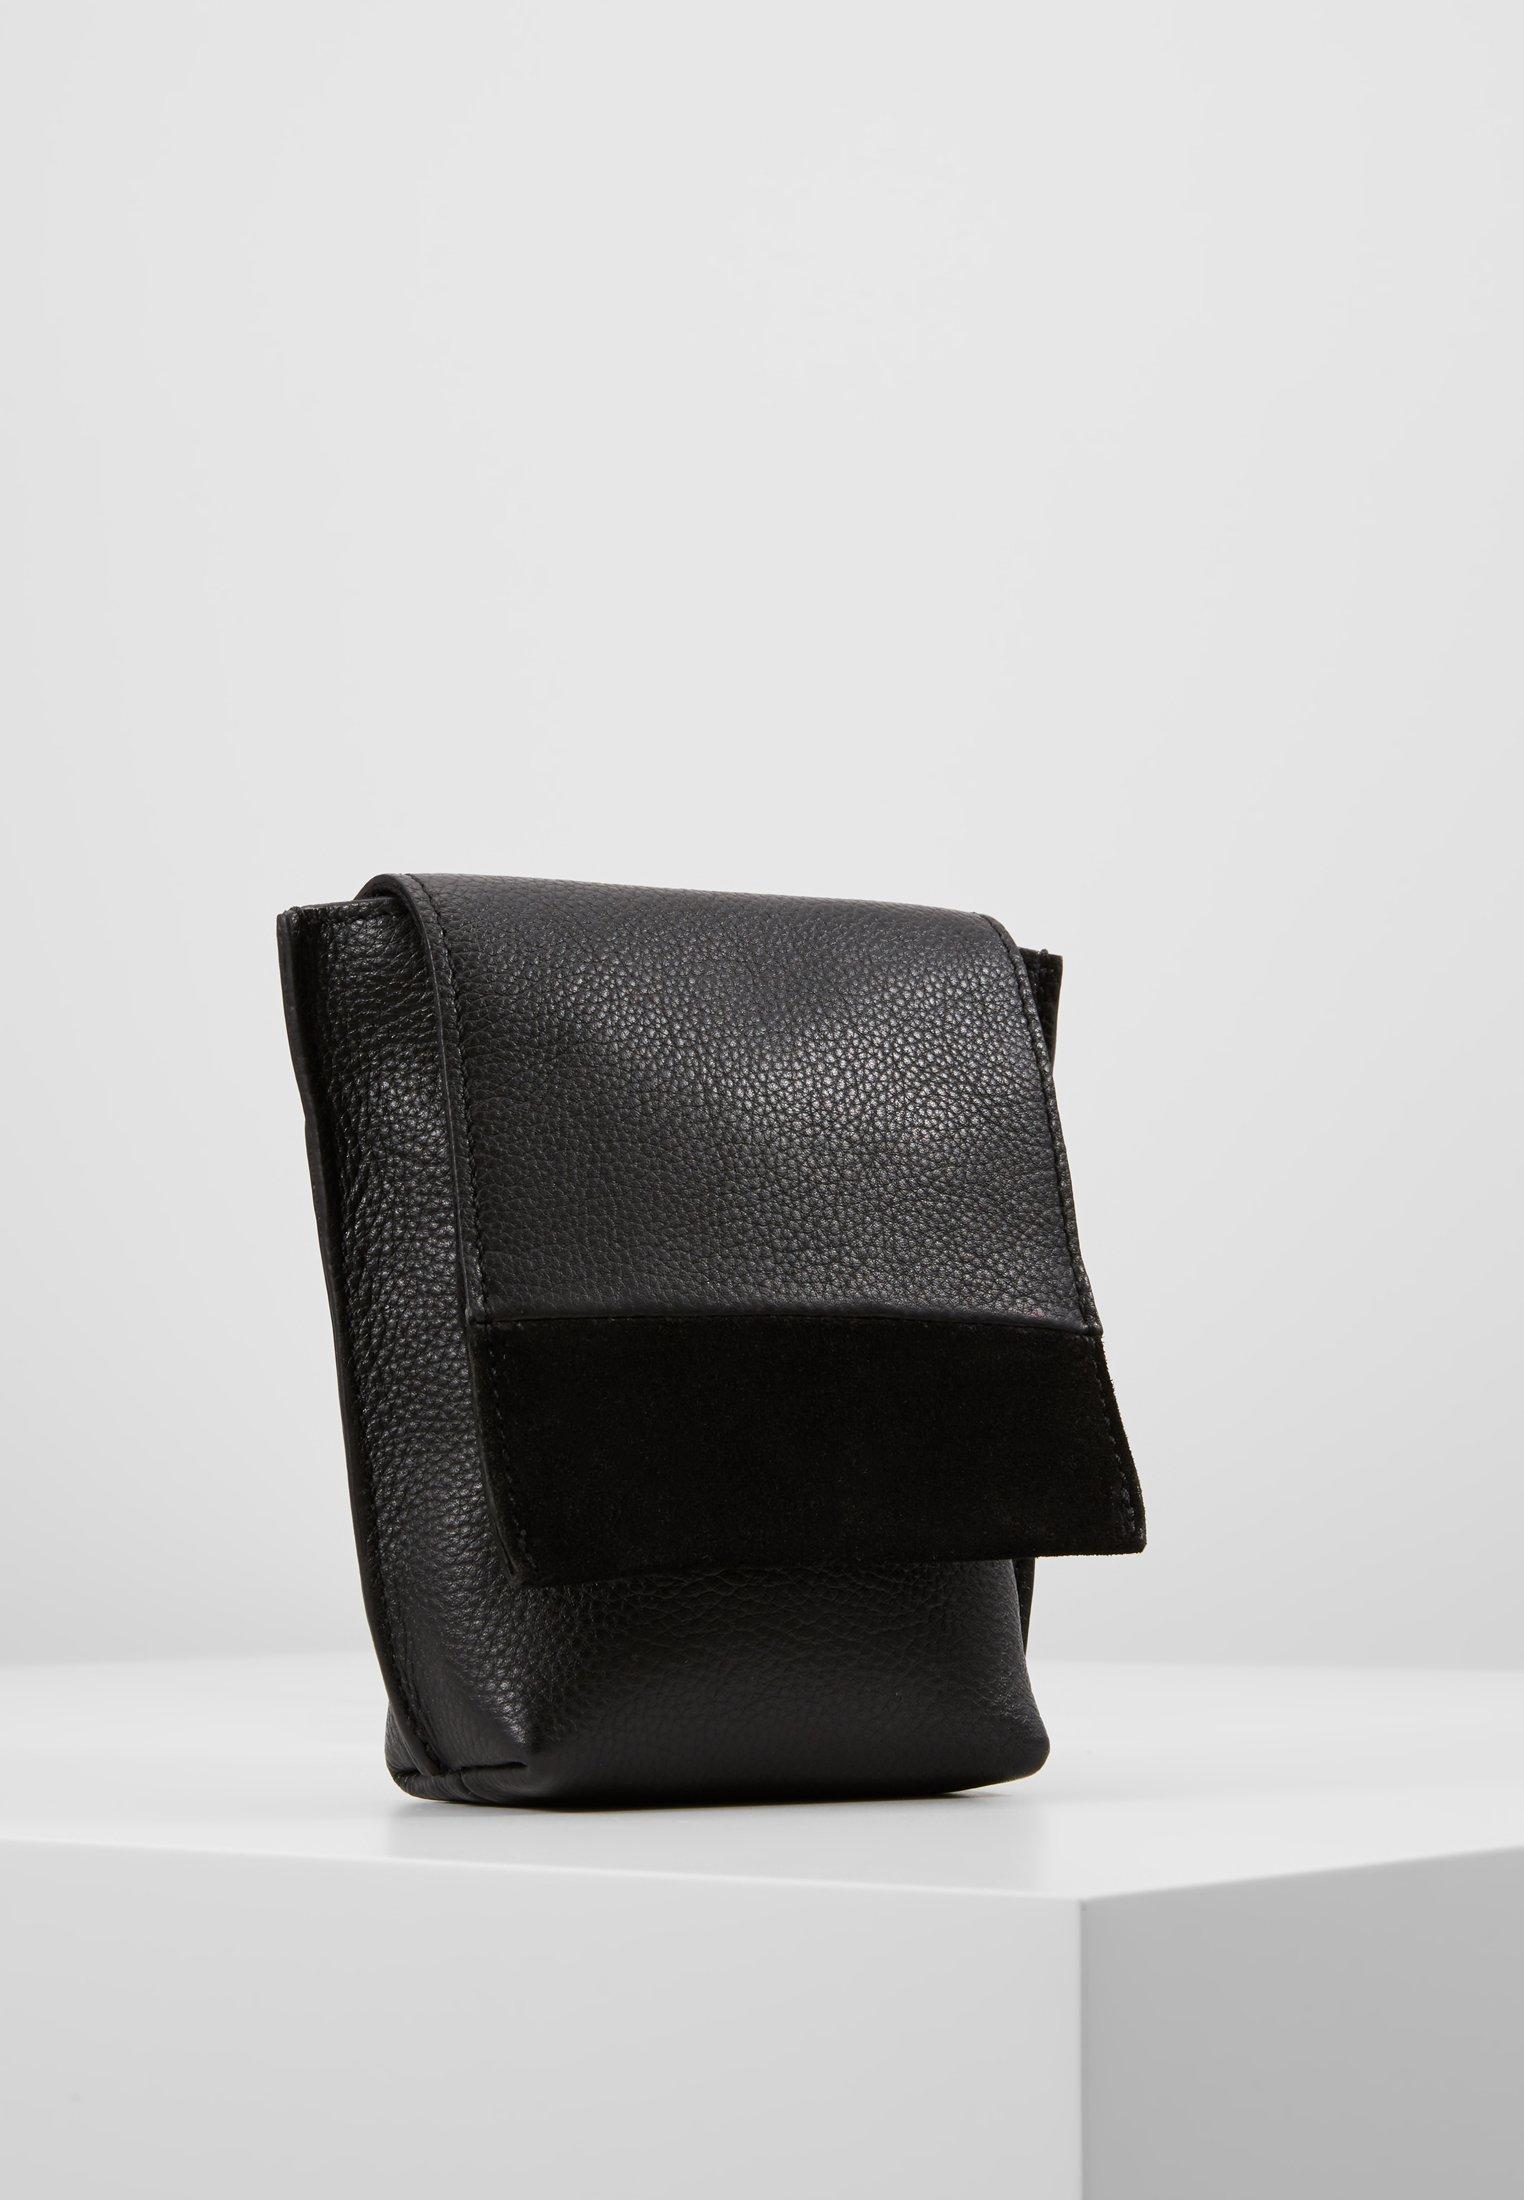 Mint&berry Leather - Sac Bandoulière Black